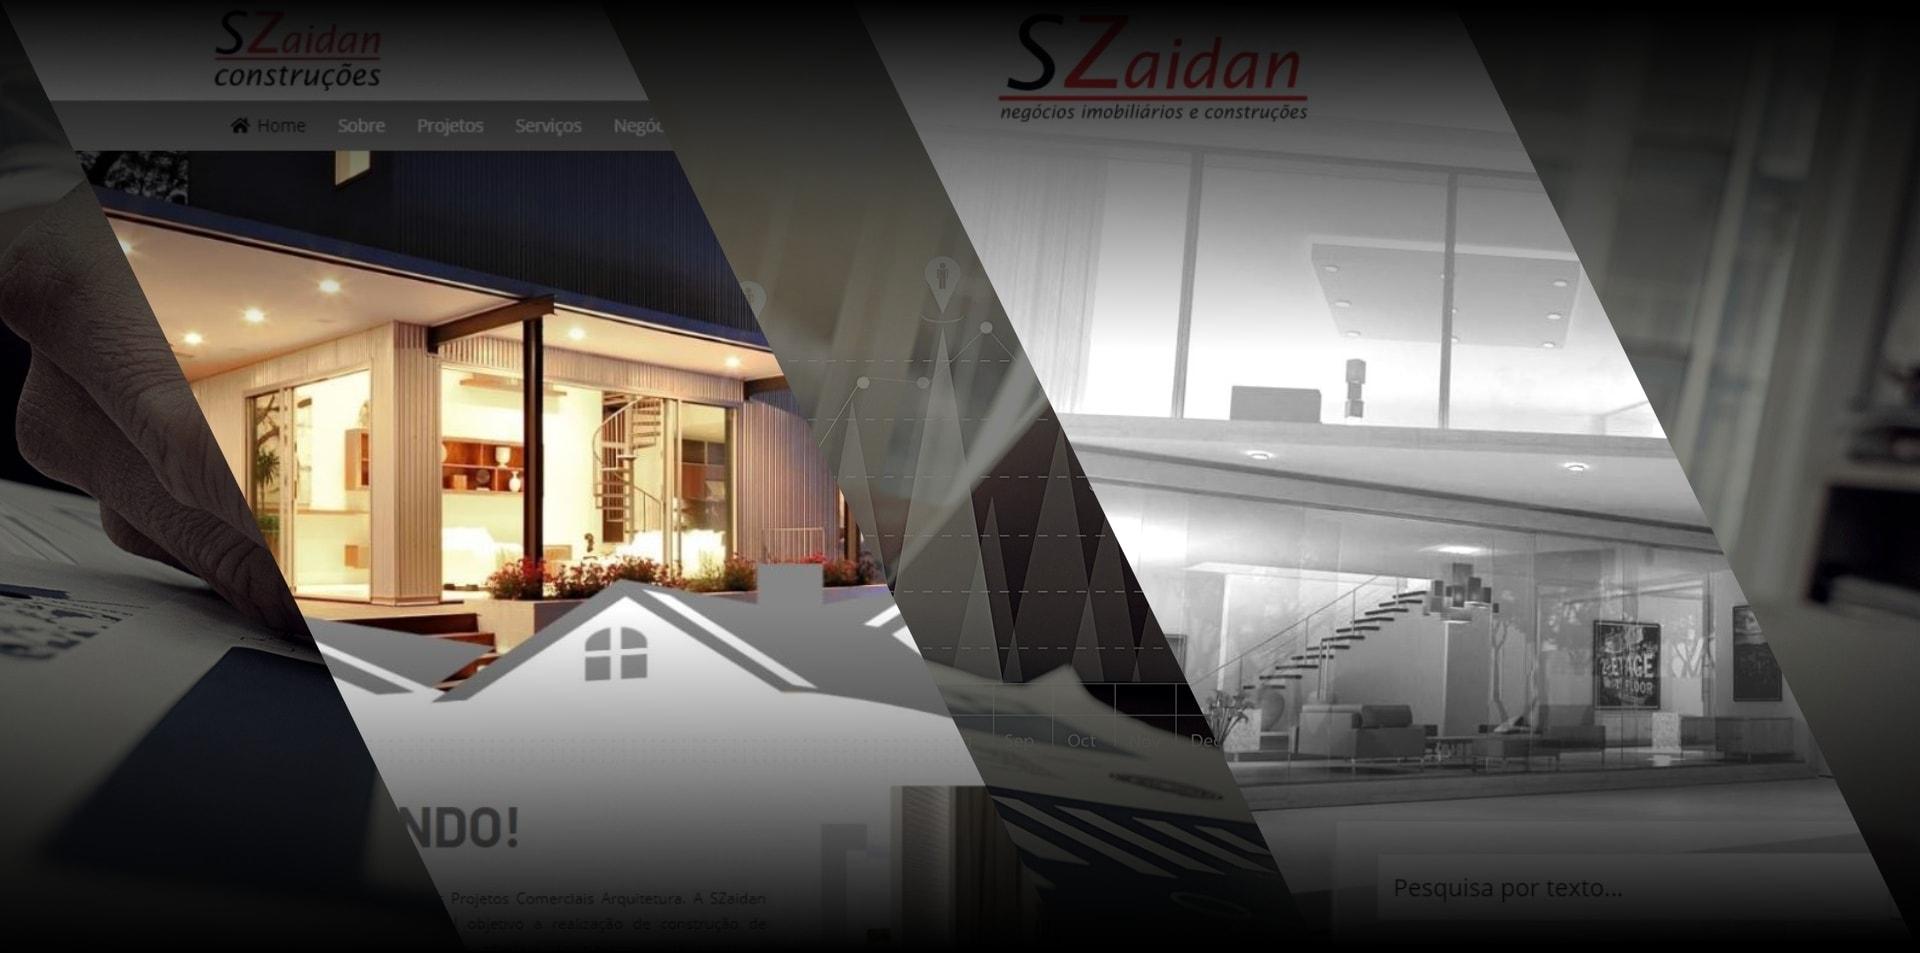 SZaidan Imobiliária e Construções